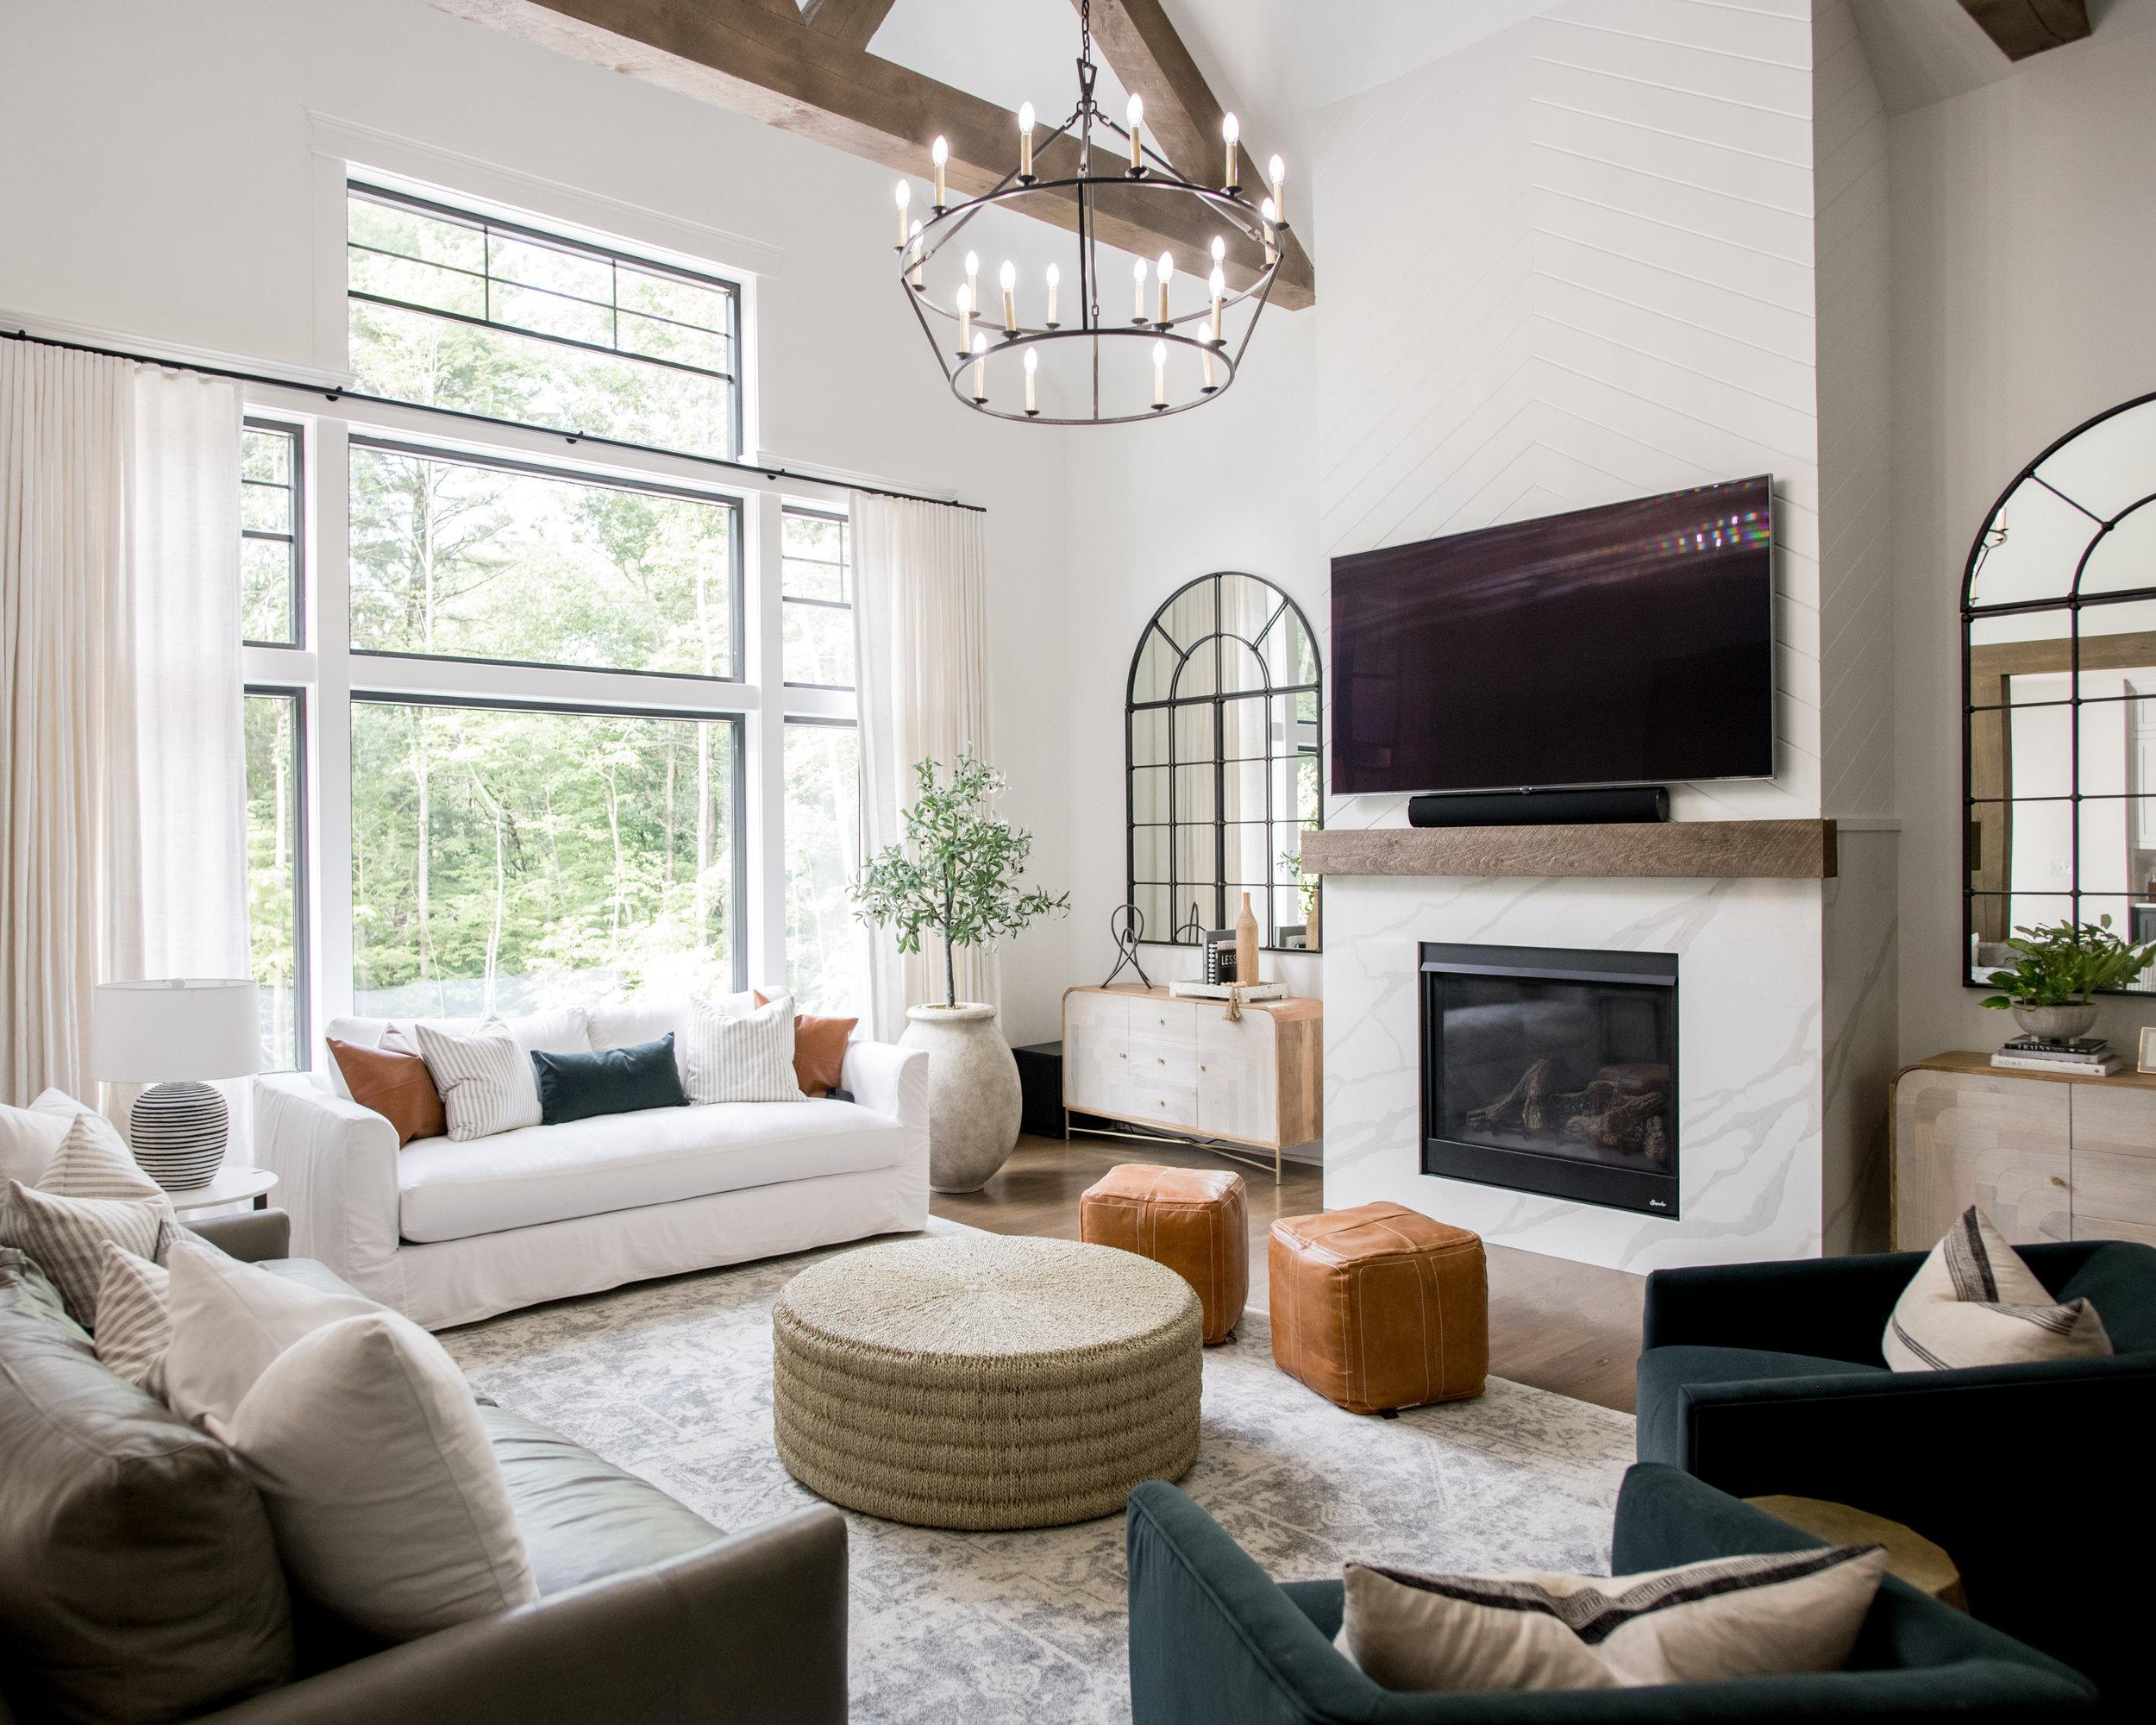 Ludlow Windham Nh Interior design